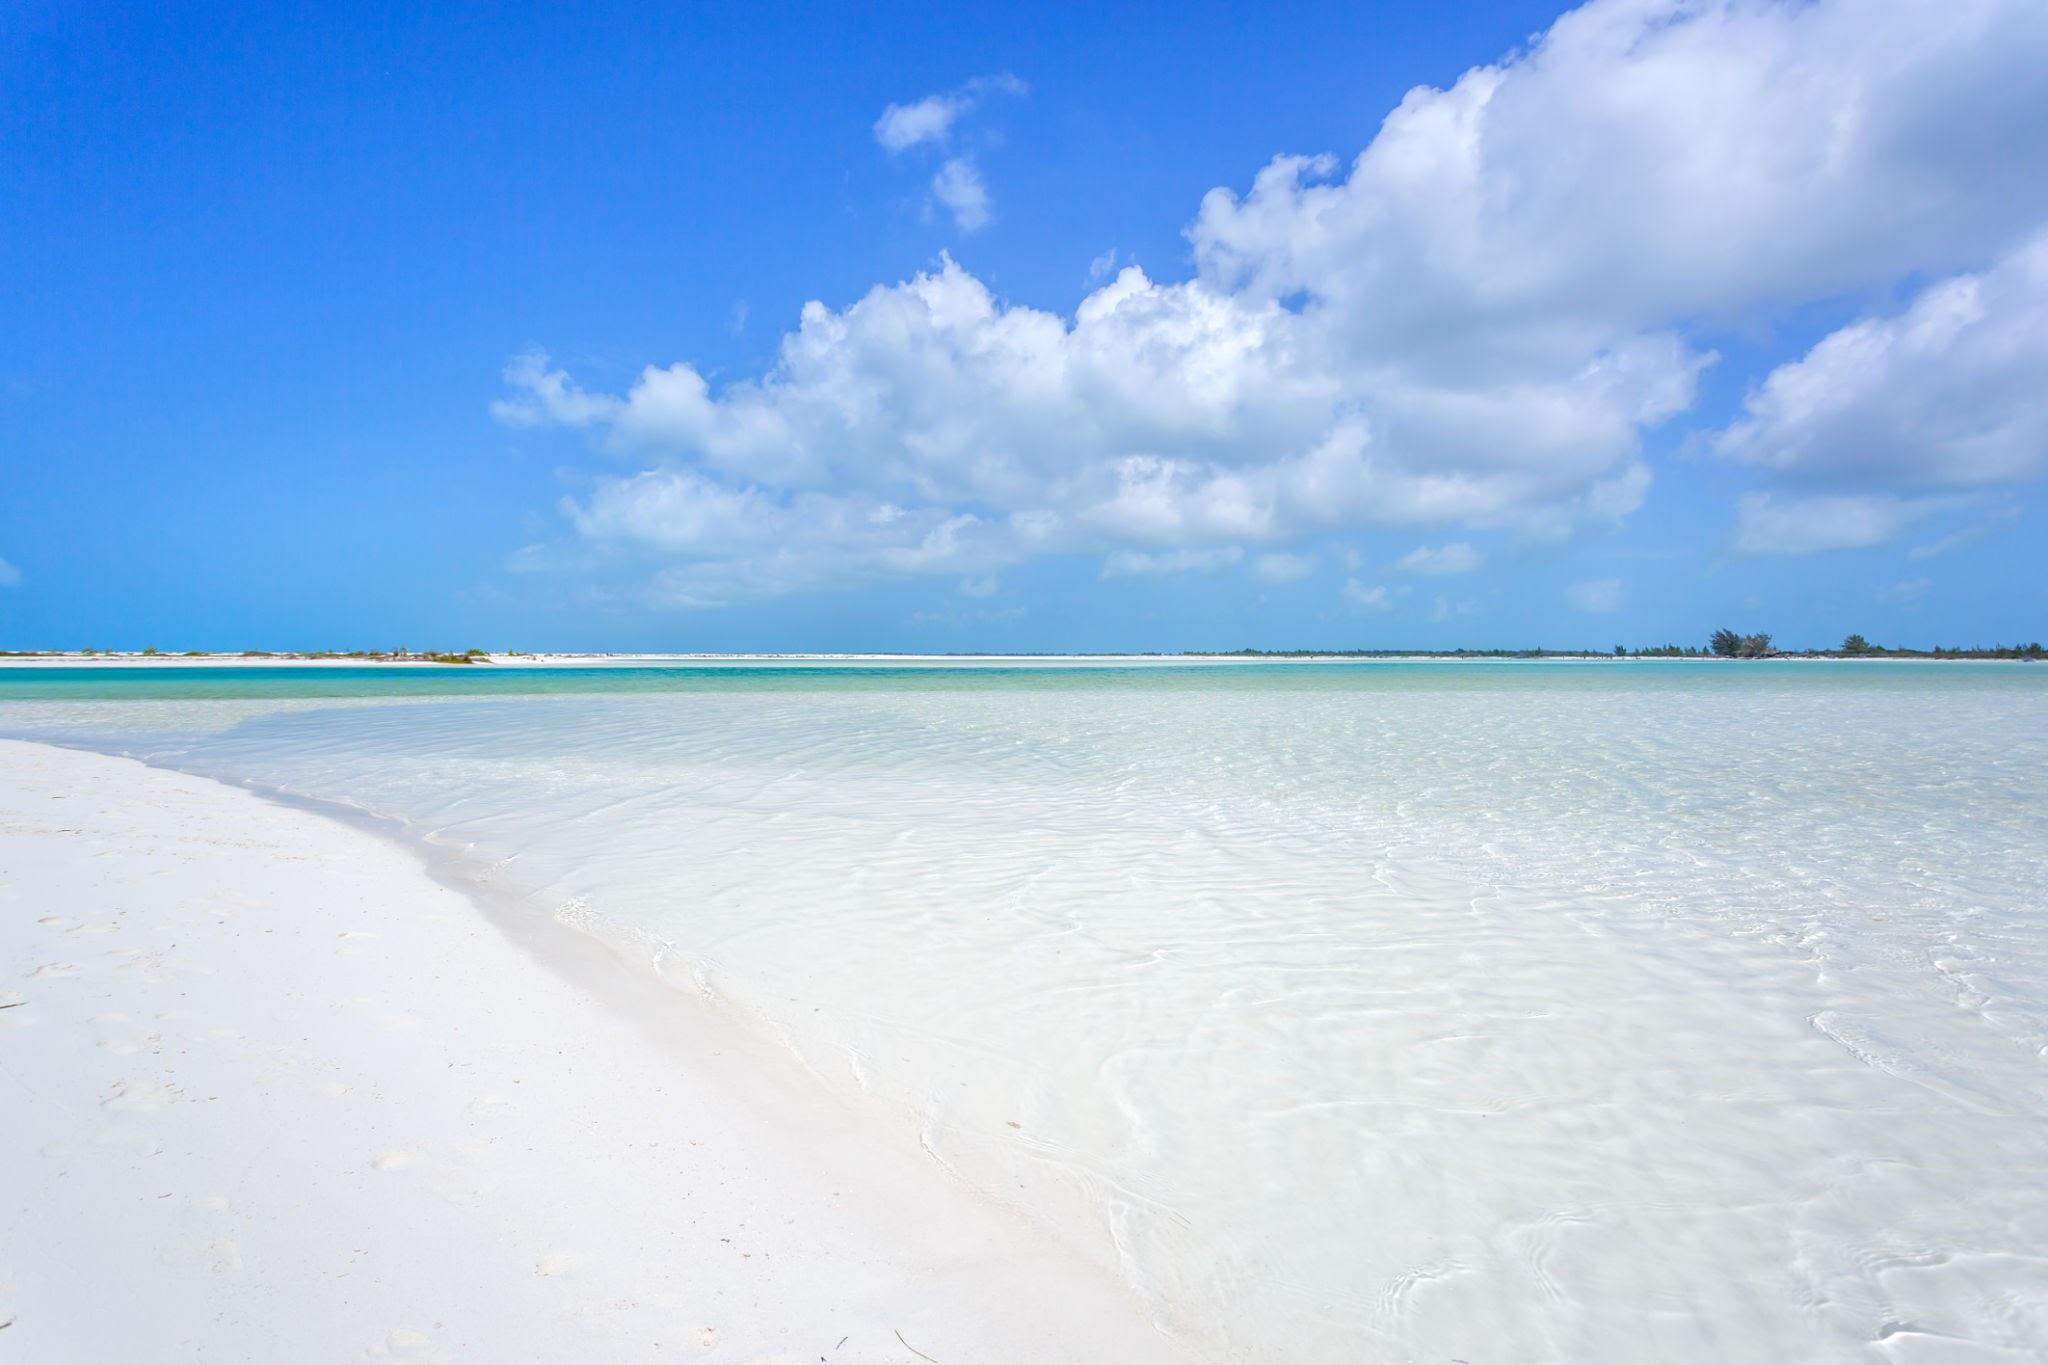 Destino turístico Cuba entre los favoritos del mundo